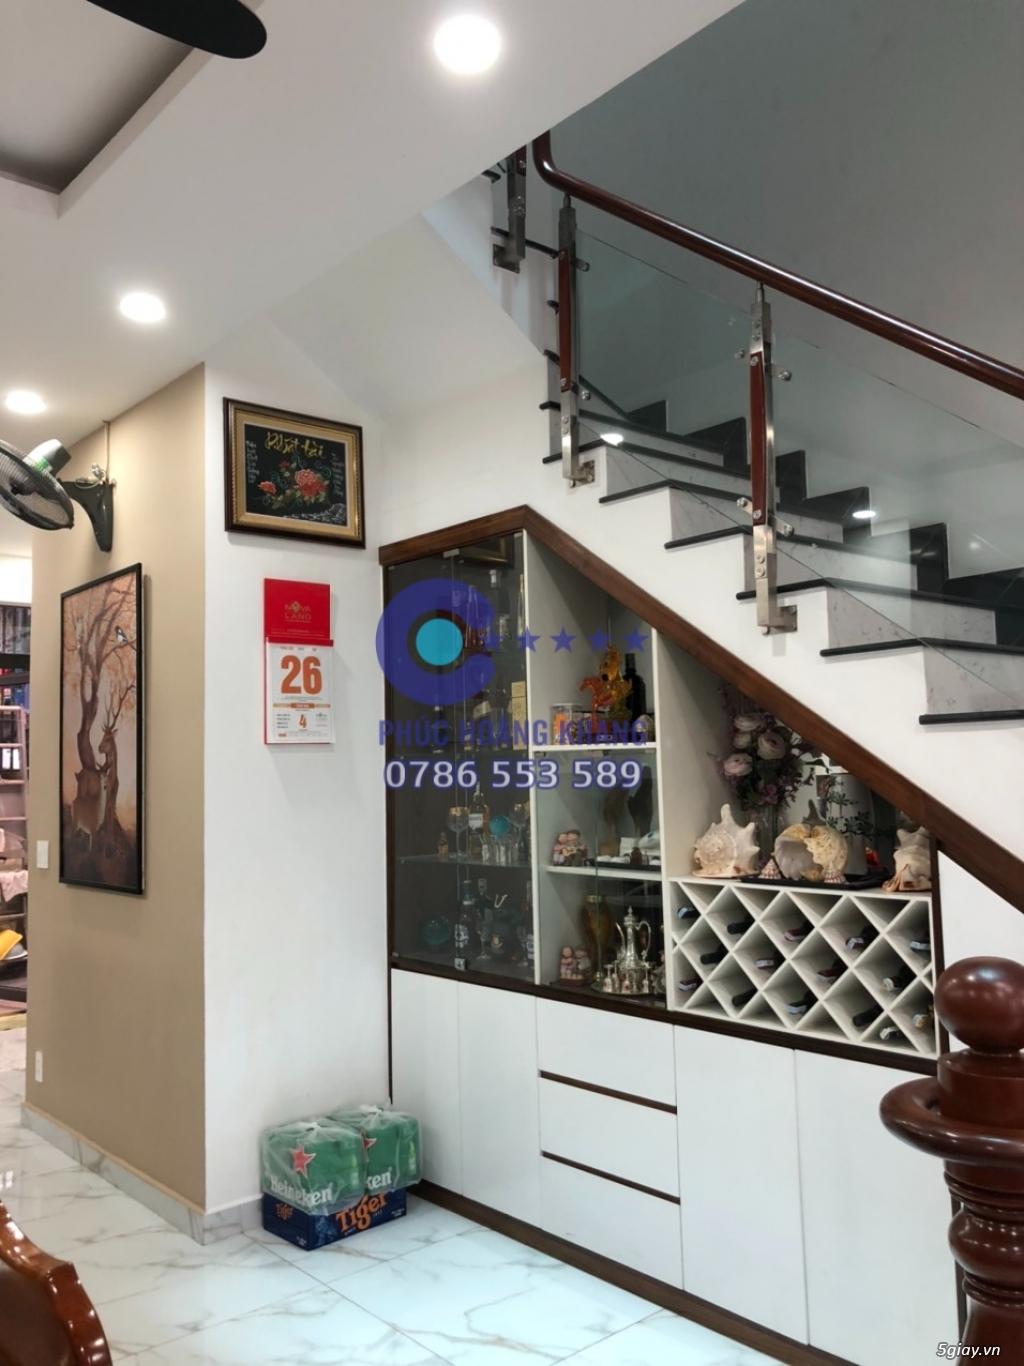 Bán, Cho Thuê Biệt Thự - Nhà Phố - Shophouse Lakeview City Quận 2 - 1